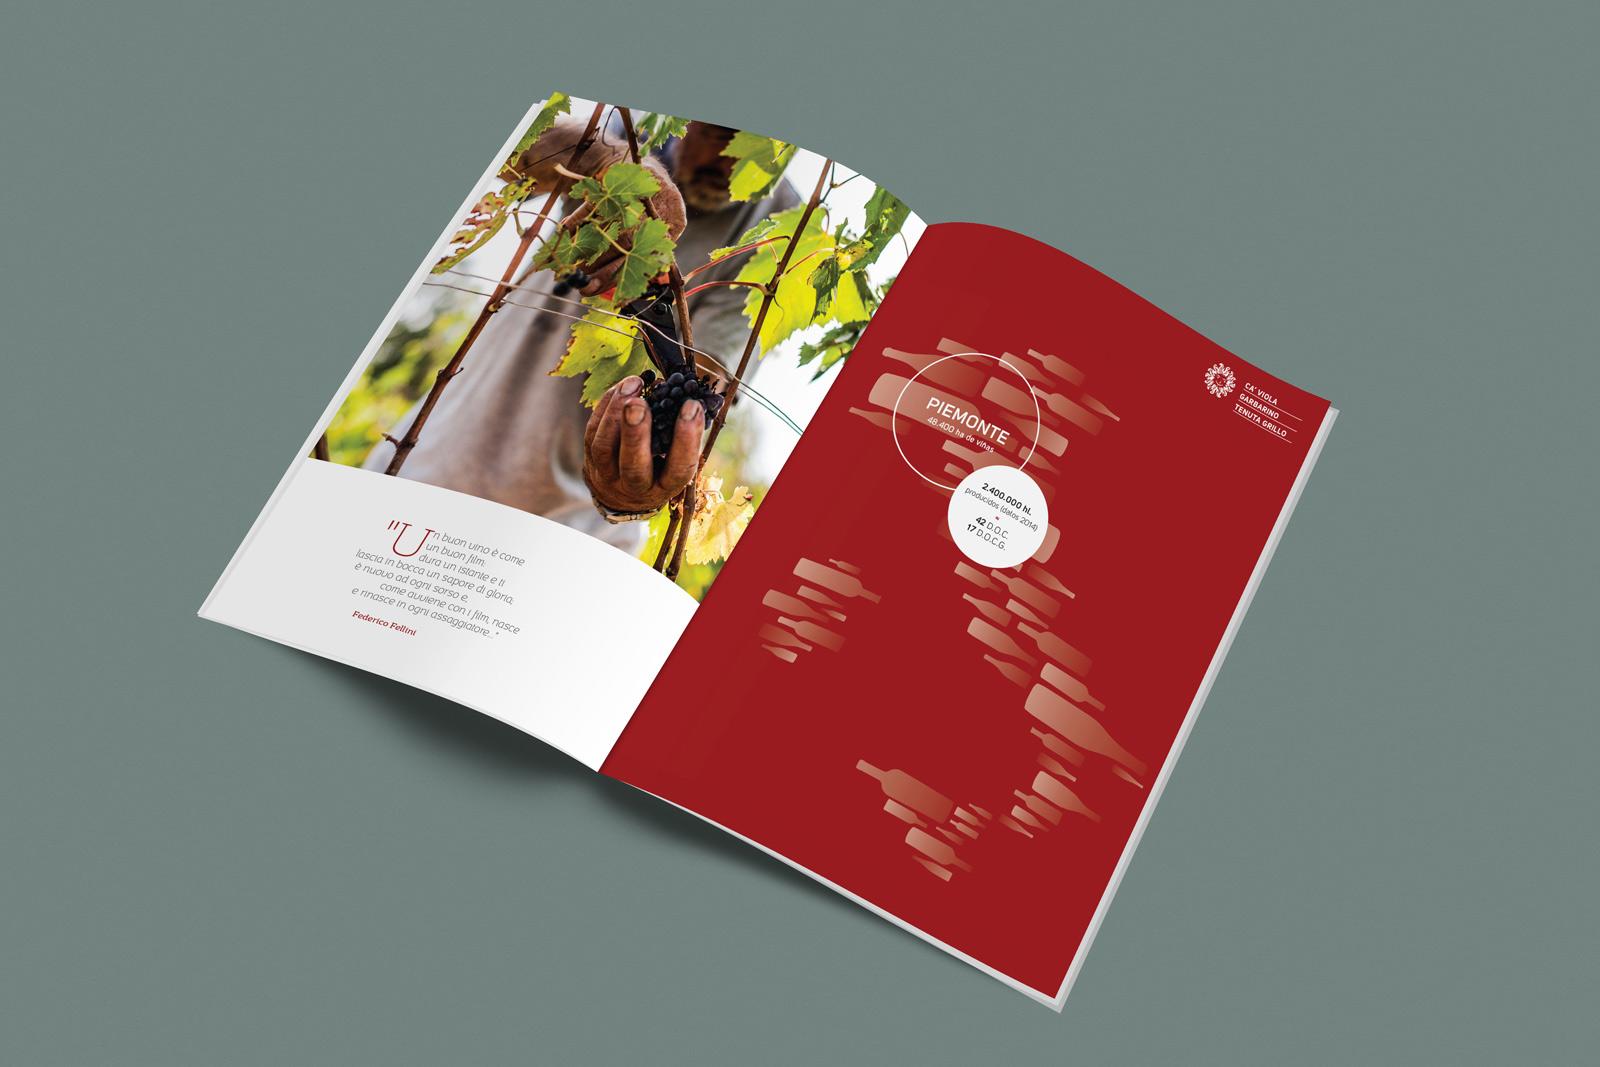 catalogue-enoteca-spread-2ok